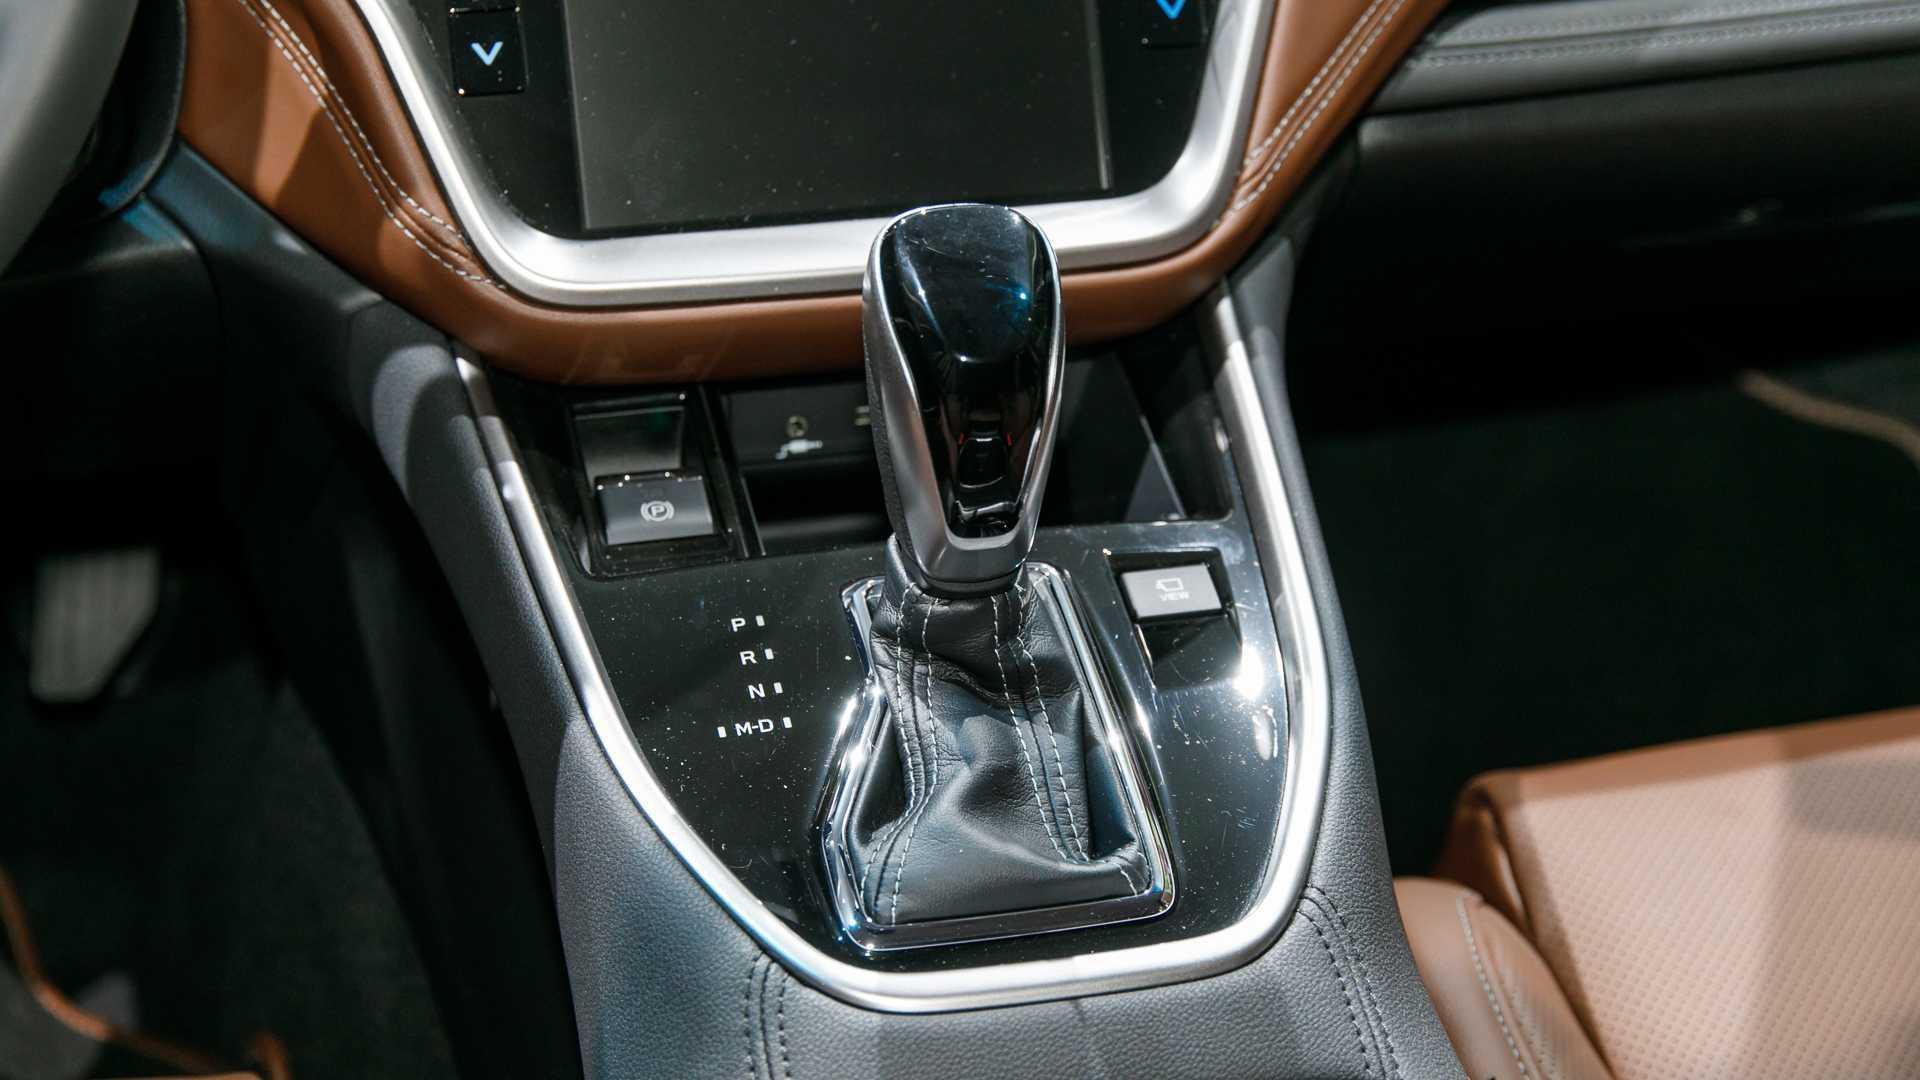 大触控超奥迪A8,进口27万配四驱,油耗不到9L,还买汉兰达?